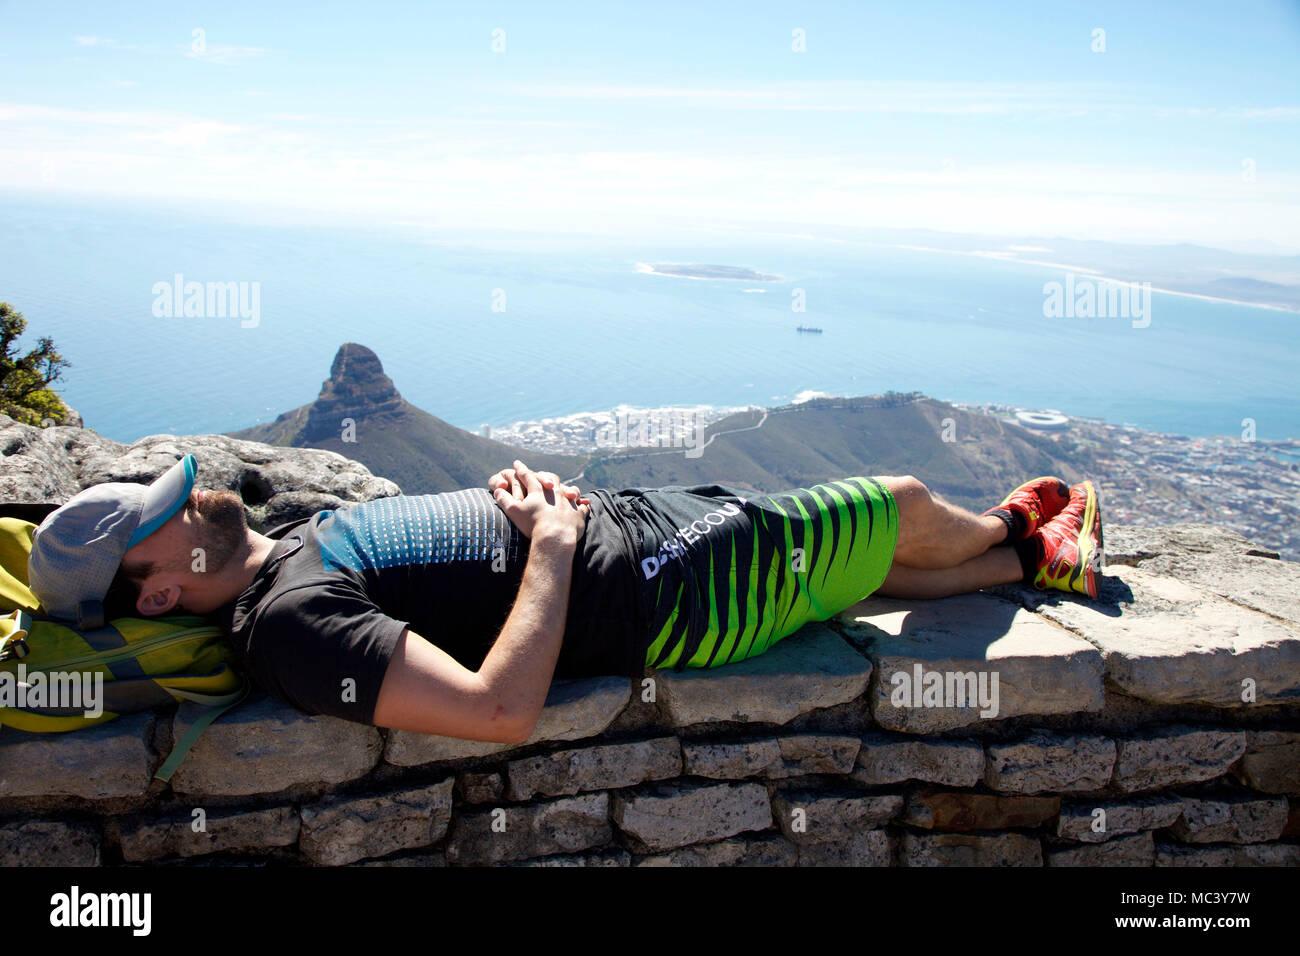 Tourist takes a siesta on summit of Table Mountain - Stock Image